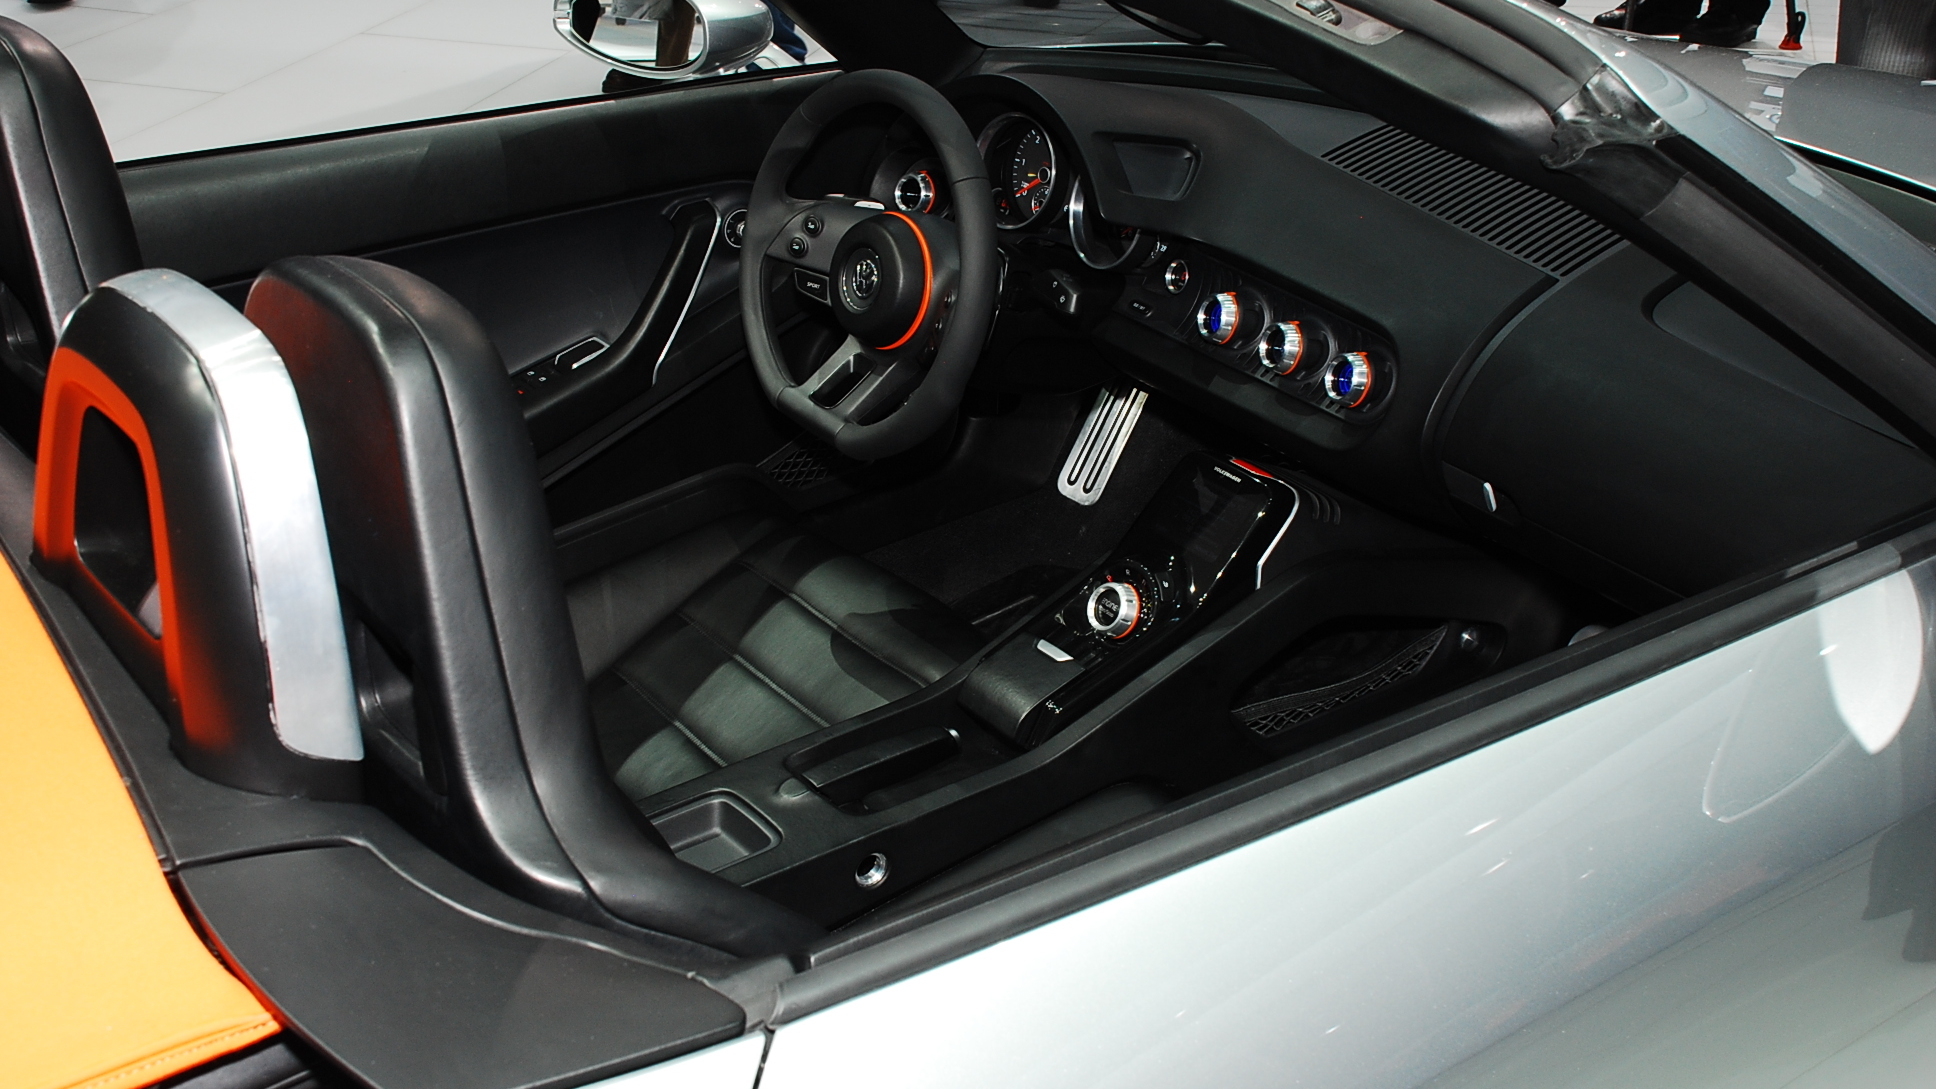 2009 volkswagen bluesport roadster concept live 05 1